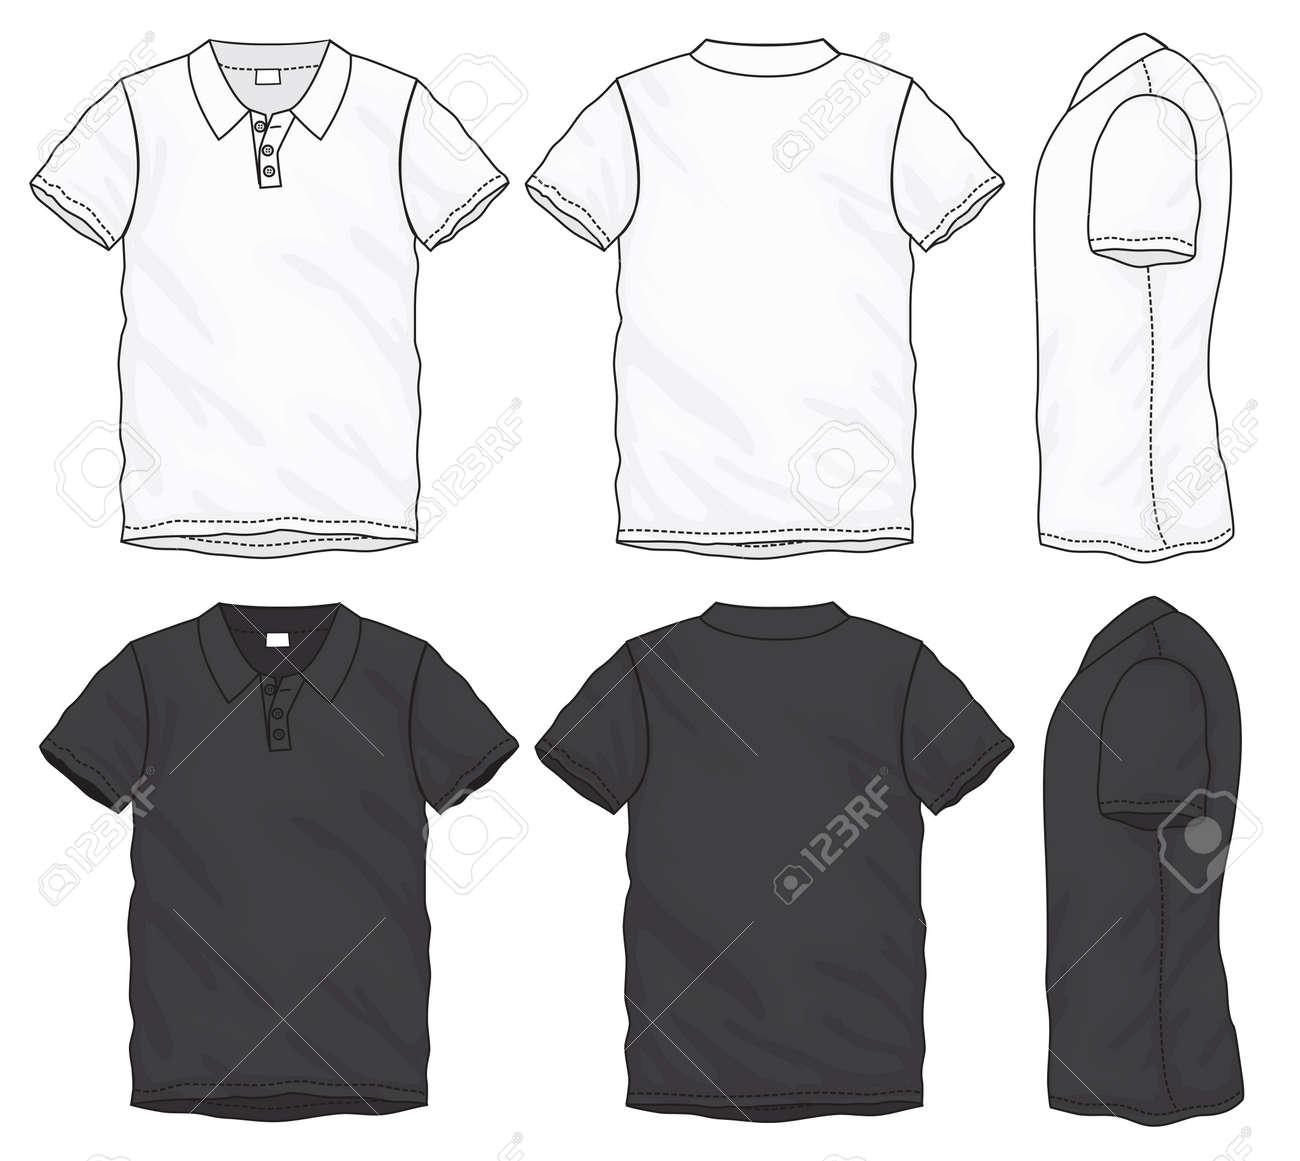 Negro Vectorial Corta Blanco Camiseta Y Manga De Ilustración q4pxwOq